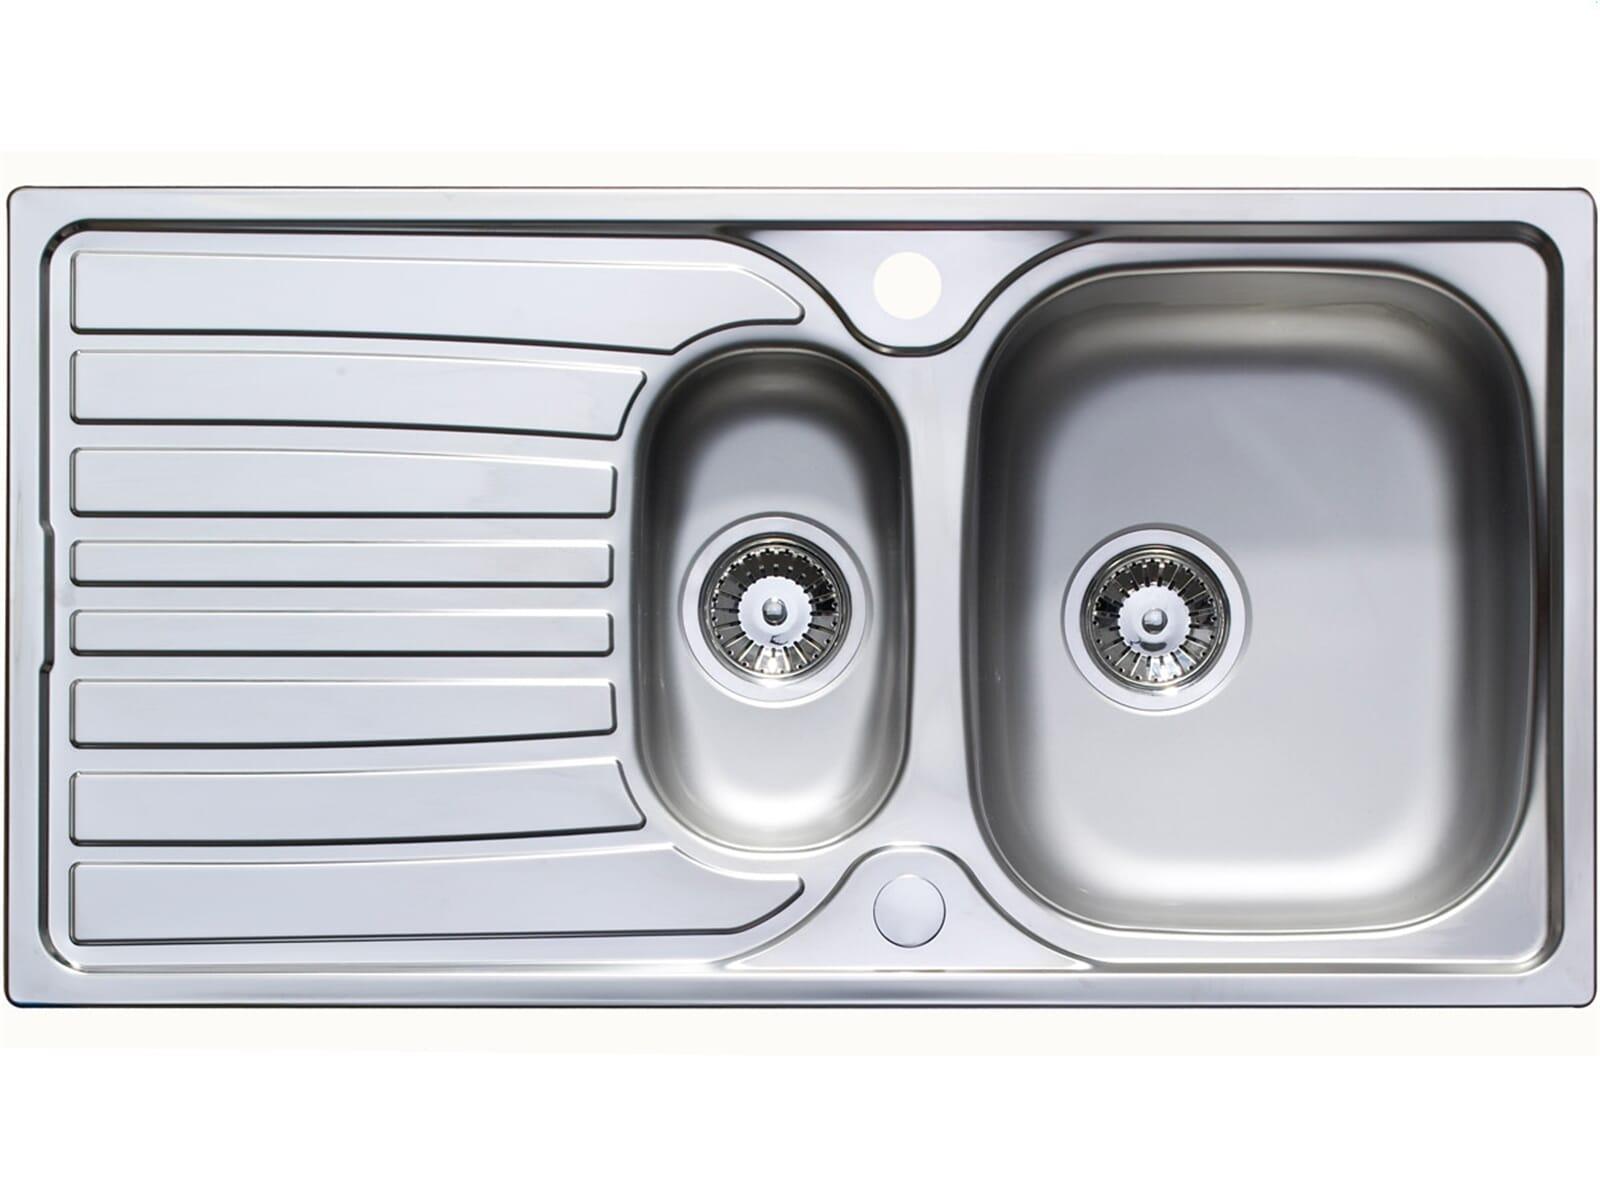 astracast cadeo 1 5 edelstahl sp le f r 98 90 eur. Black Bedroom Furniture Sets. Home Design Ideas